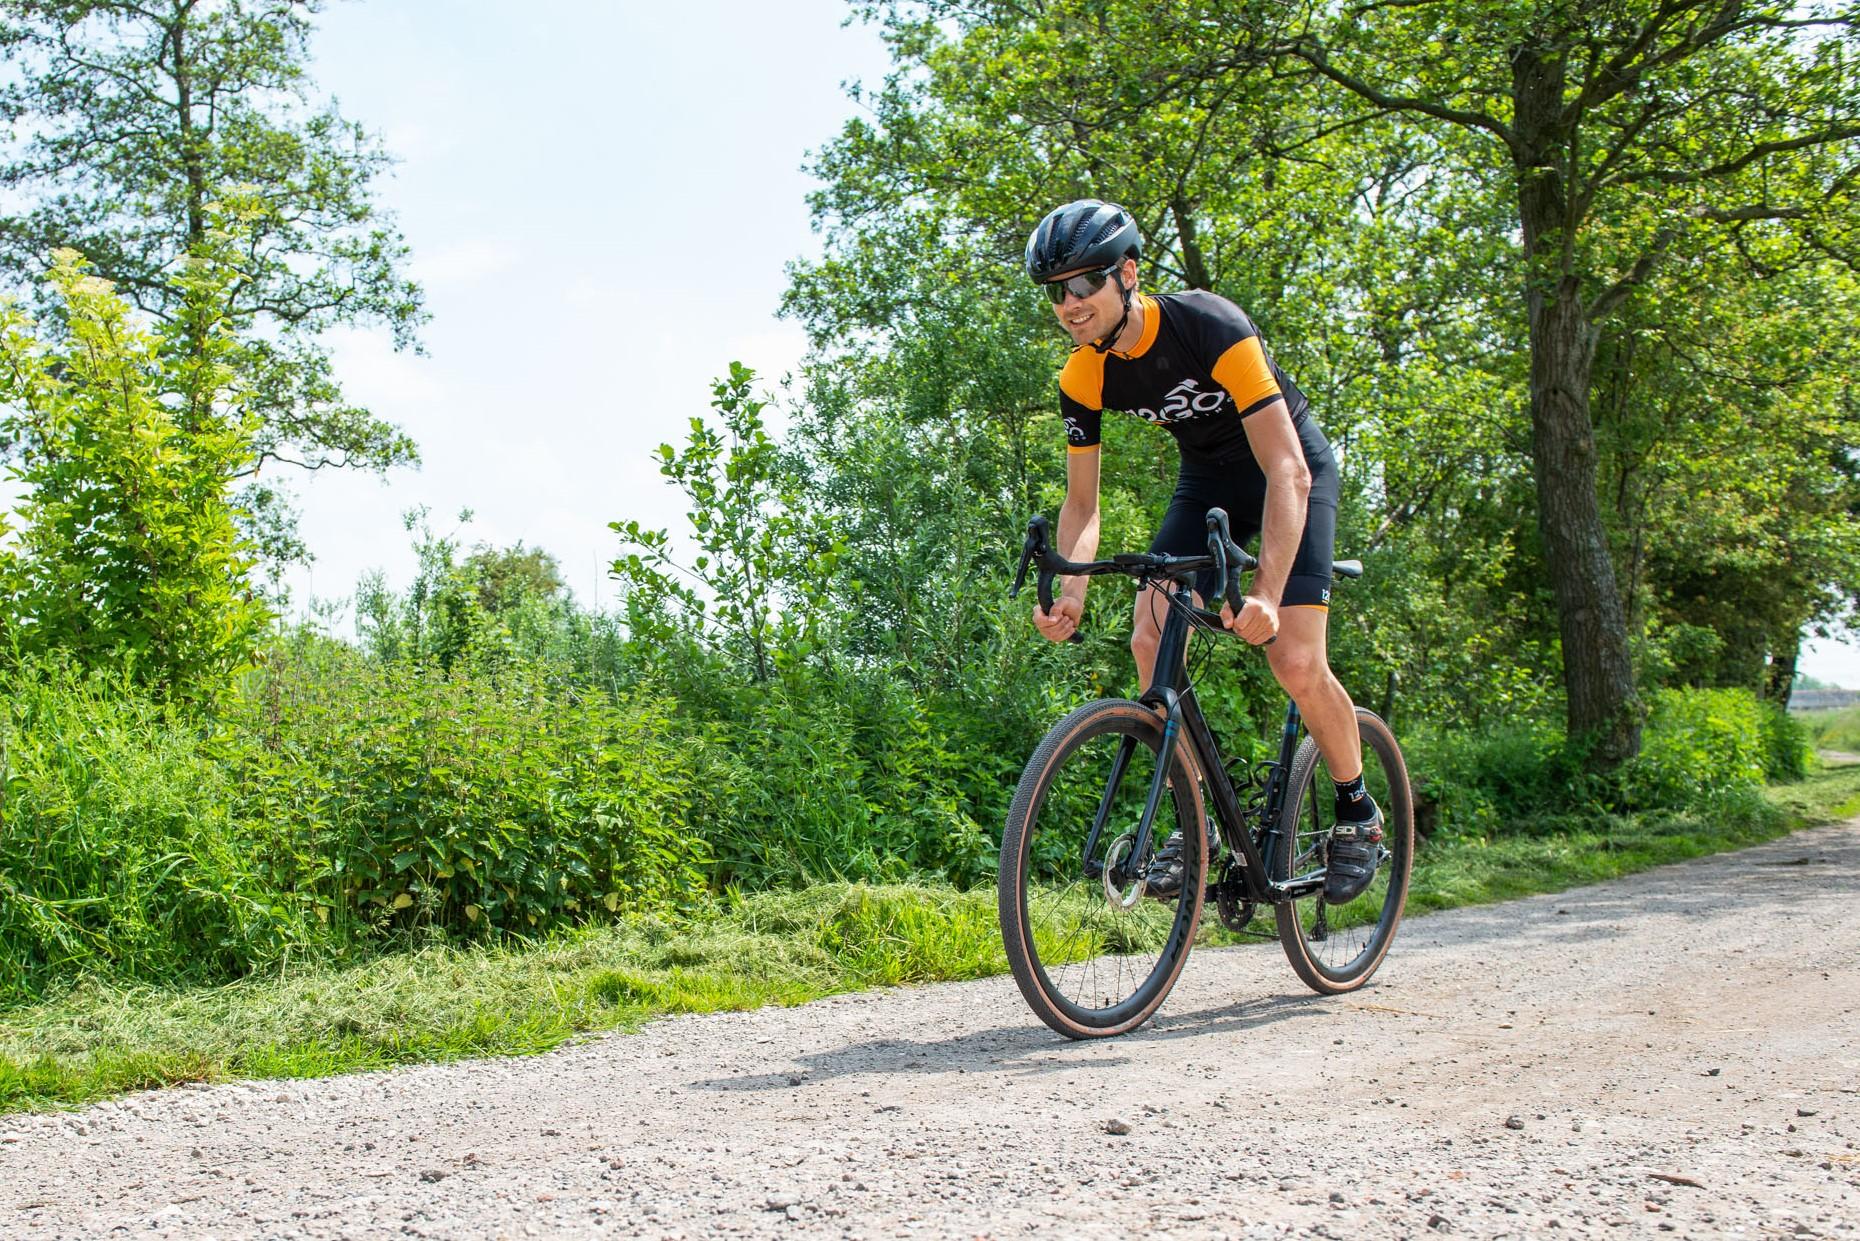 Schwalbe G-One R - 12GO Biking